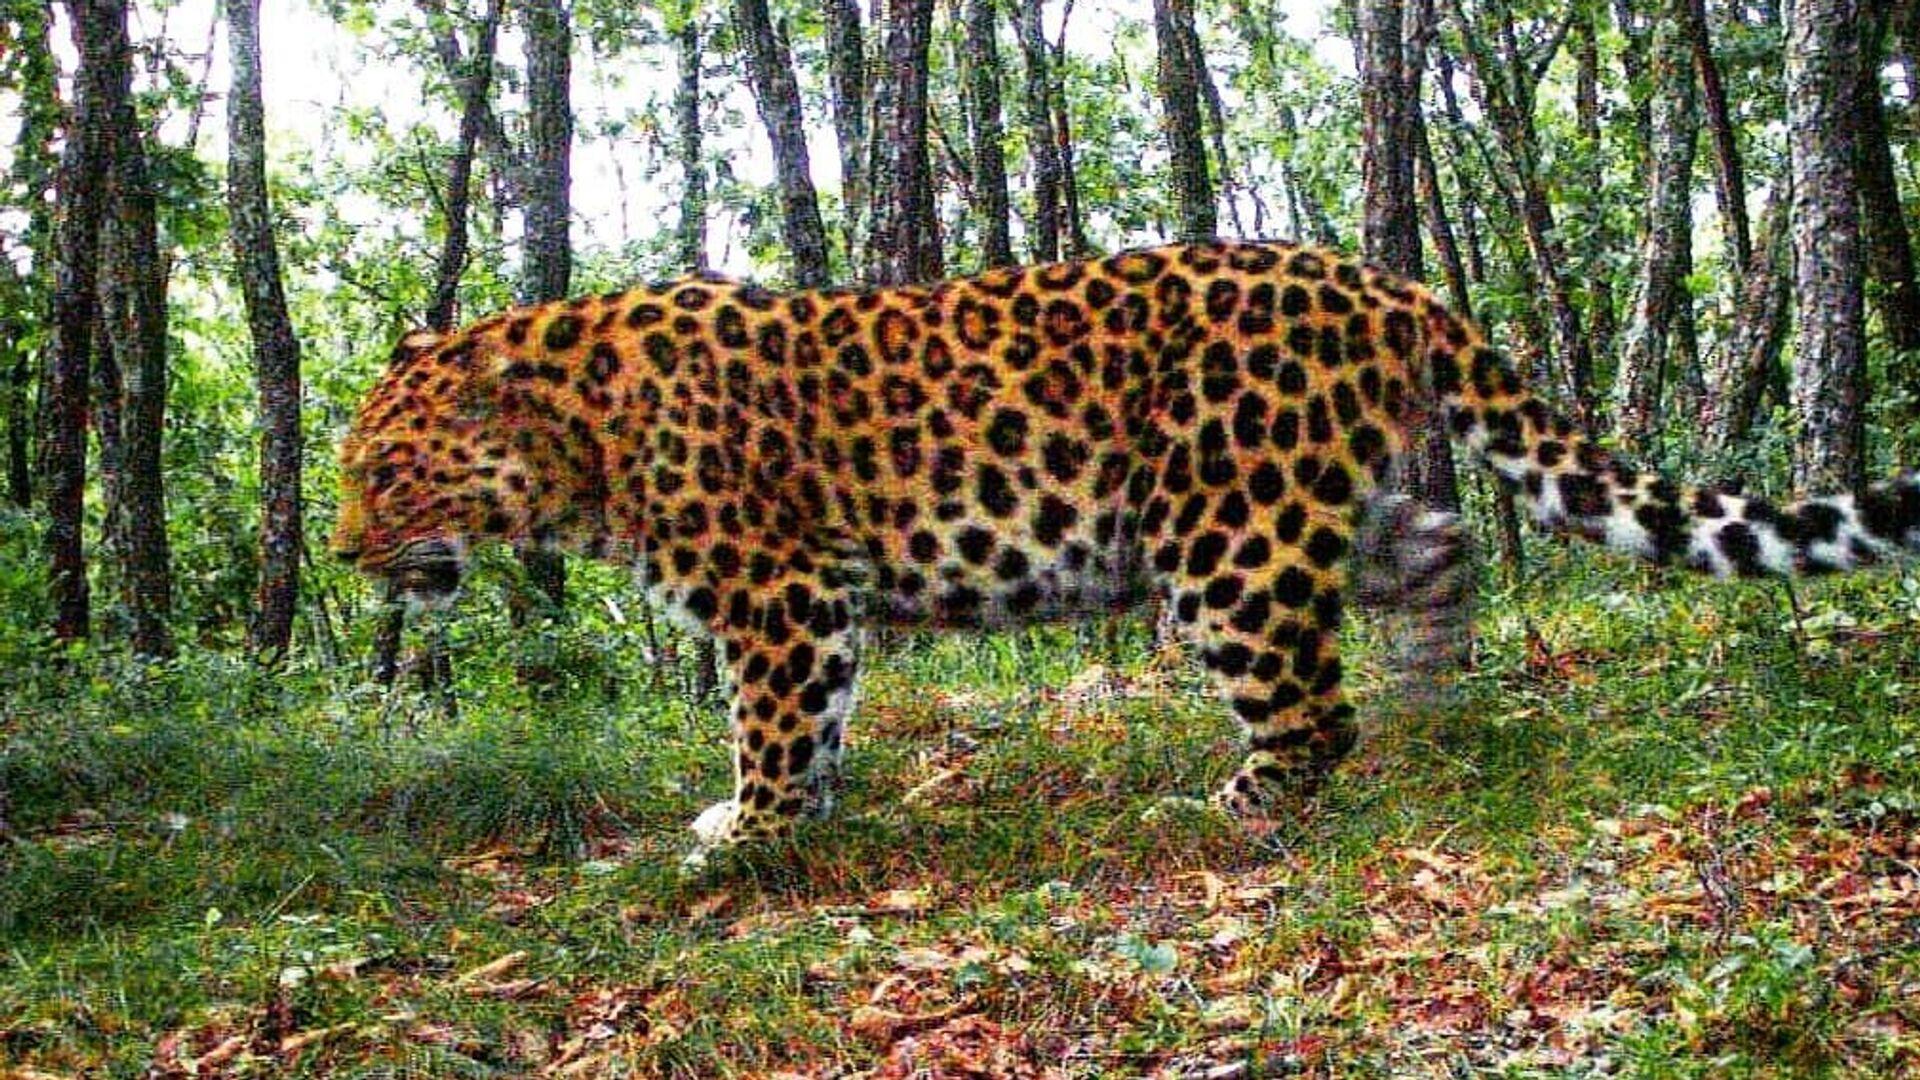 Дальневосточный леопард Leo 118M в Нацпарке Земля леопарда - РИА Новости, 1920, 04.07.2020